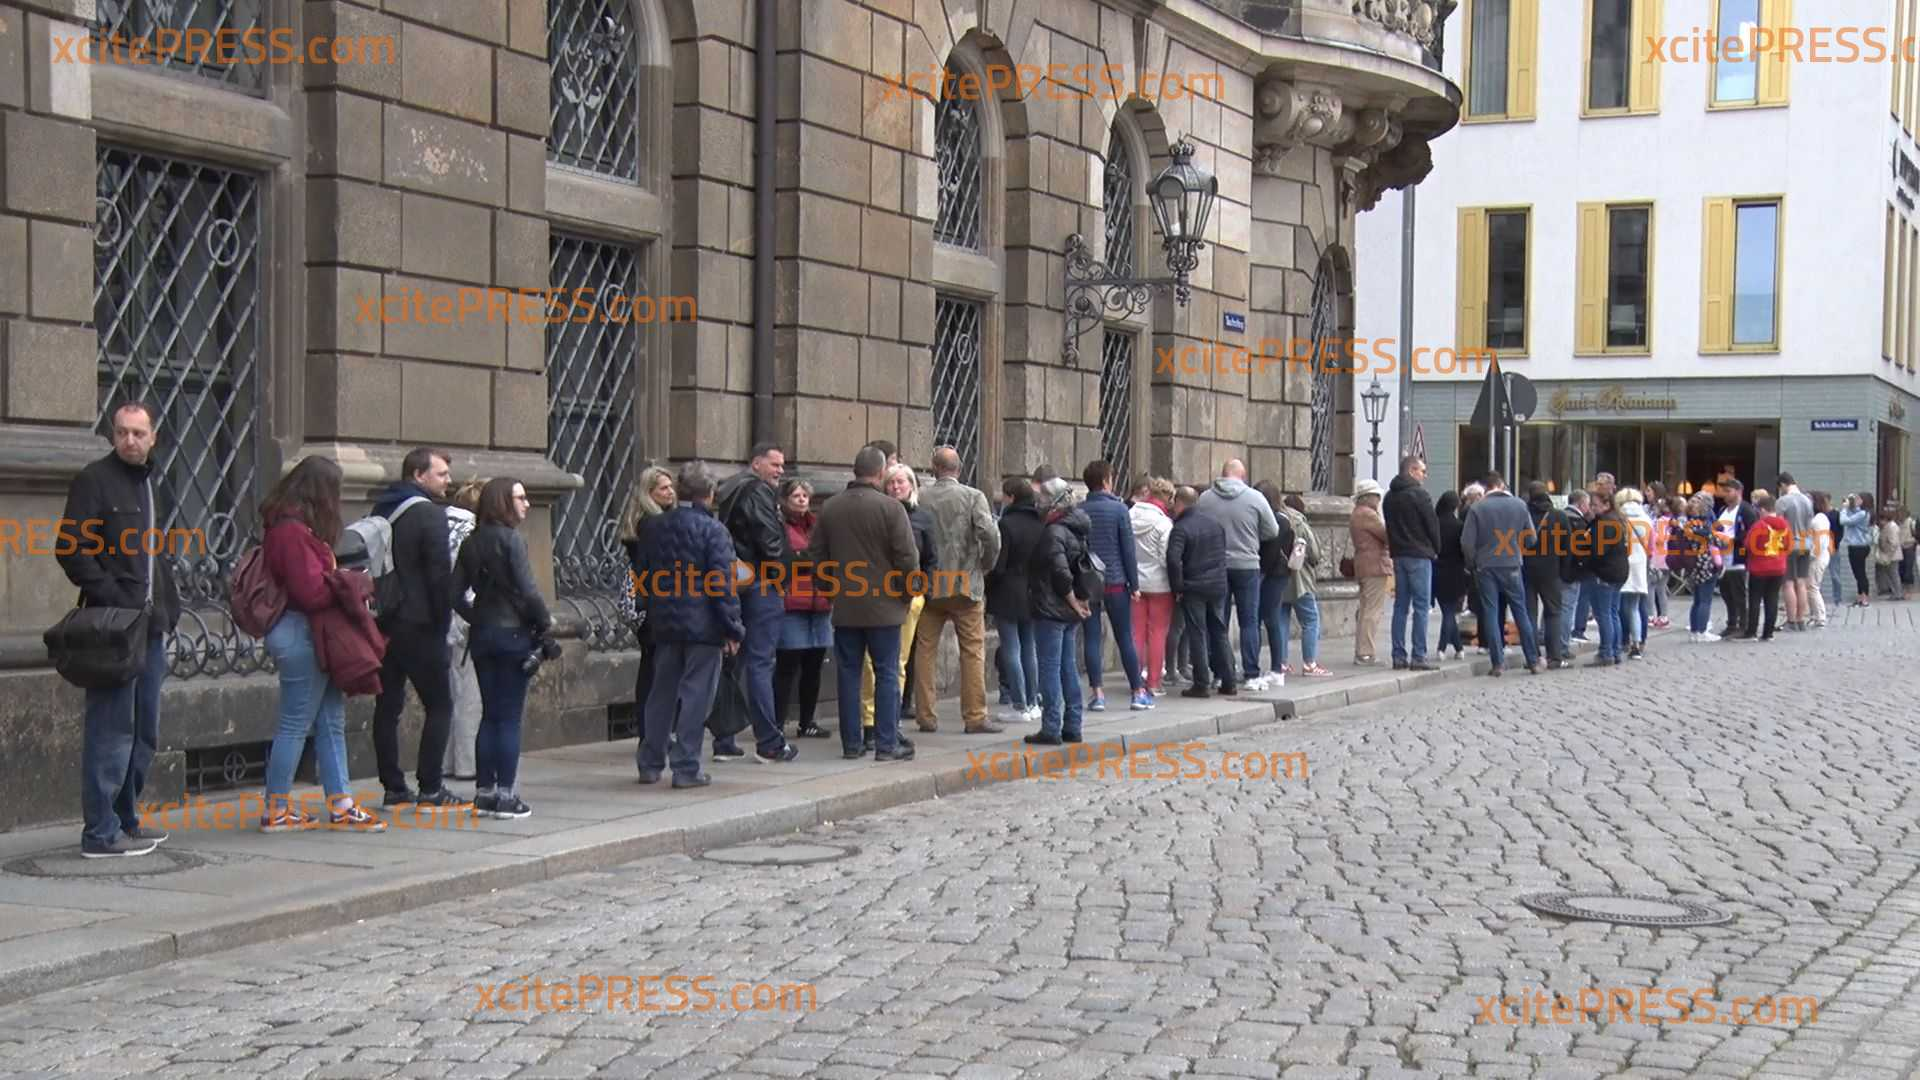 Endlich wieder Tourismus: Lange Schlangen vor Museen, viele Besucher bei Sehenswürdigkeiten: Sächsische Landeshauptstadt mit Pfingsten-Urlaubern